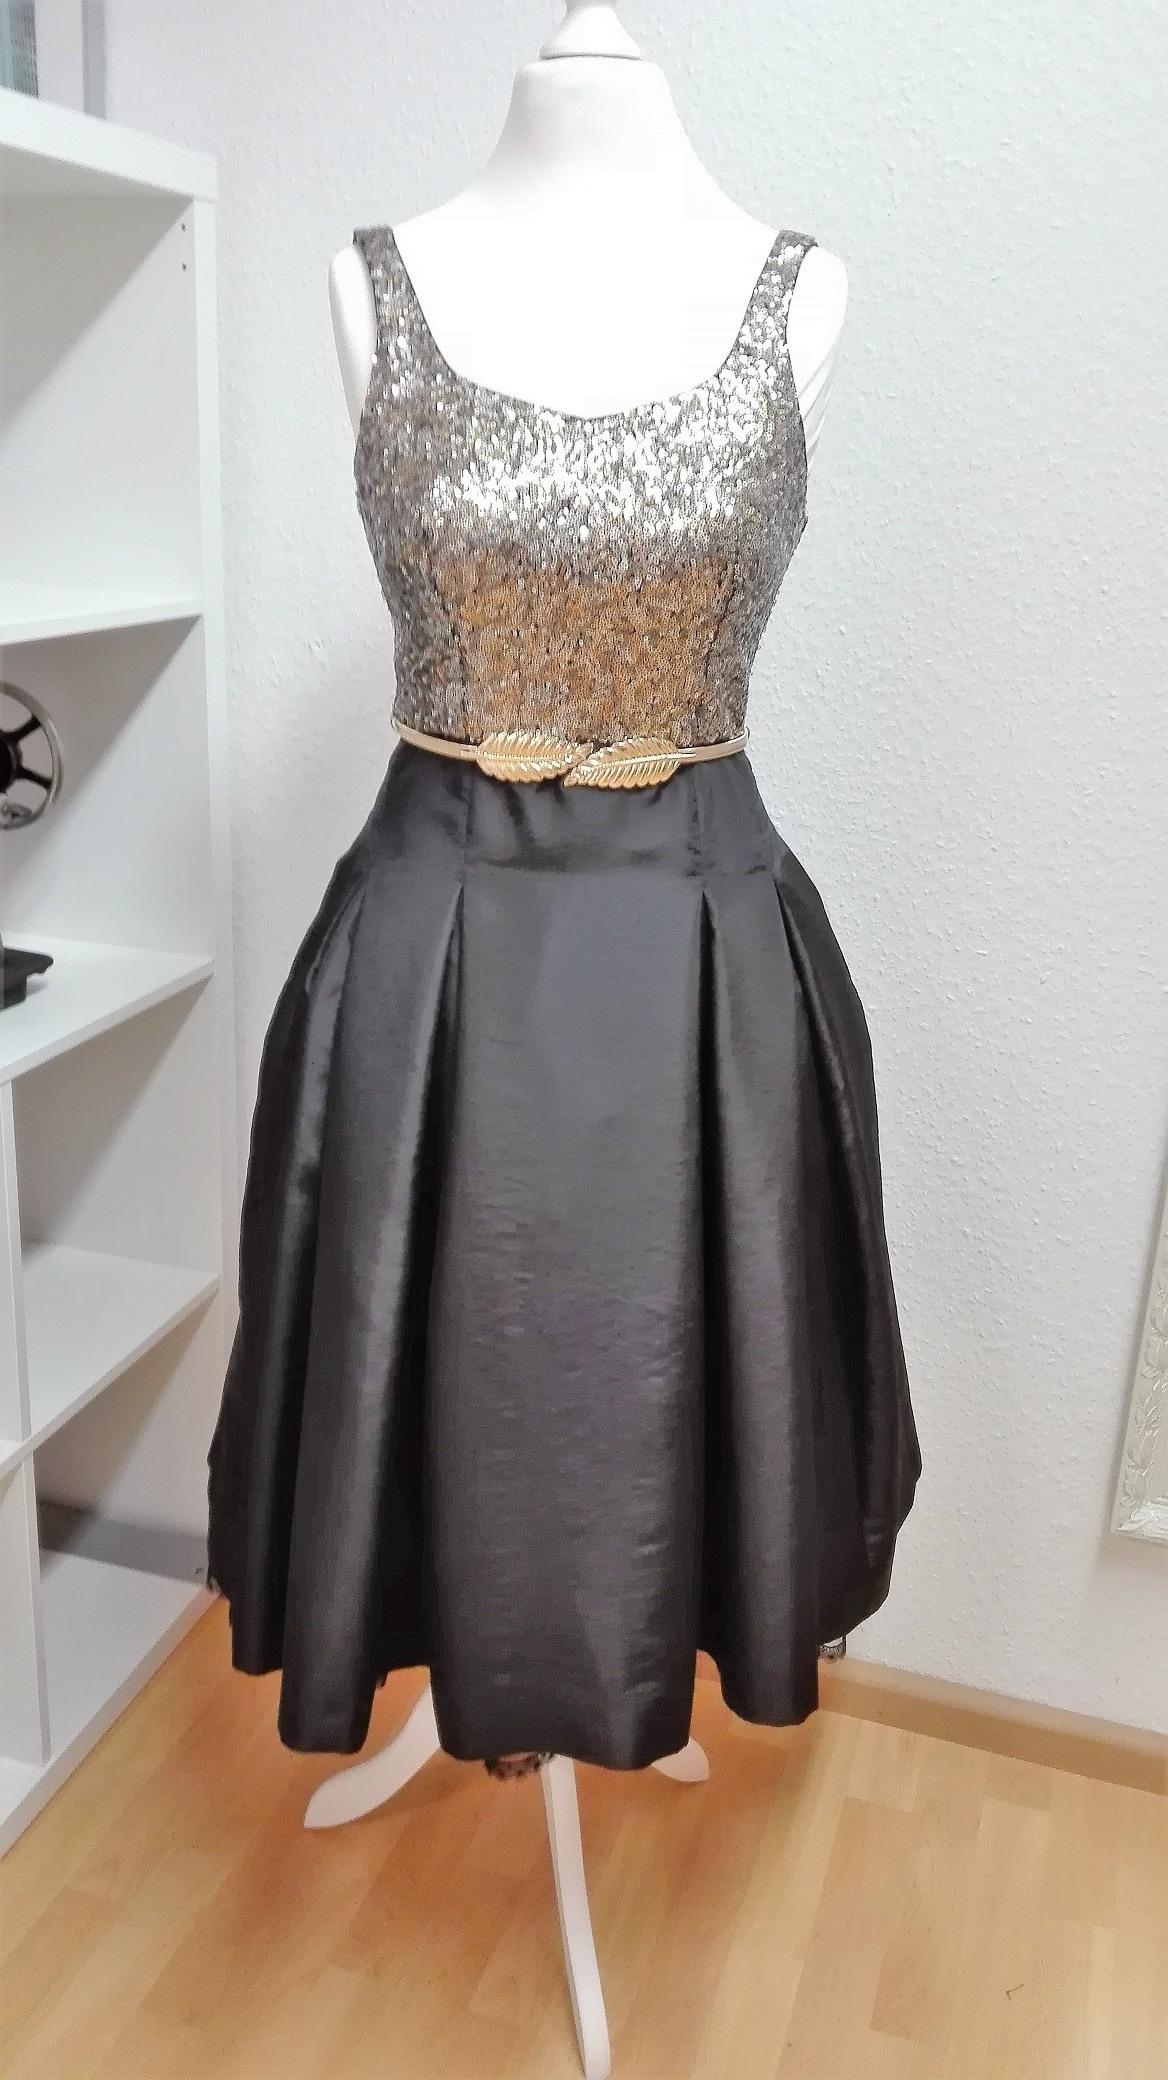 Schön Abendkleid Kürzen Kosten Design - Abendkleid